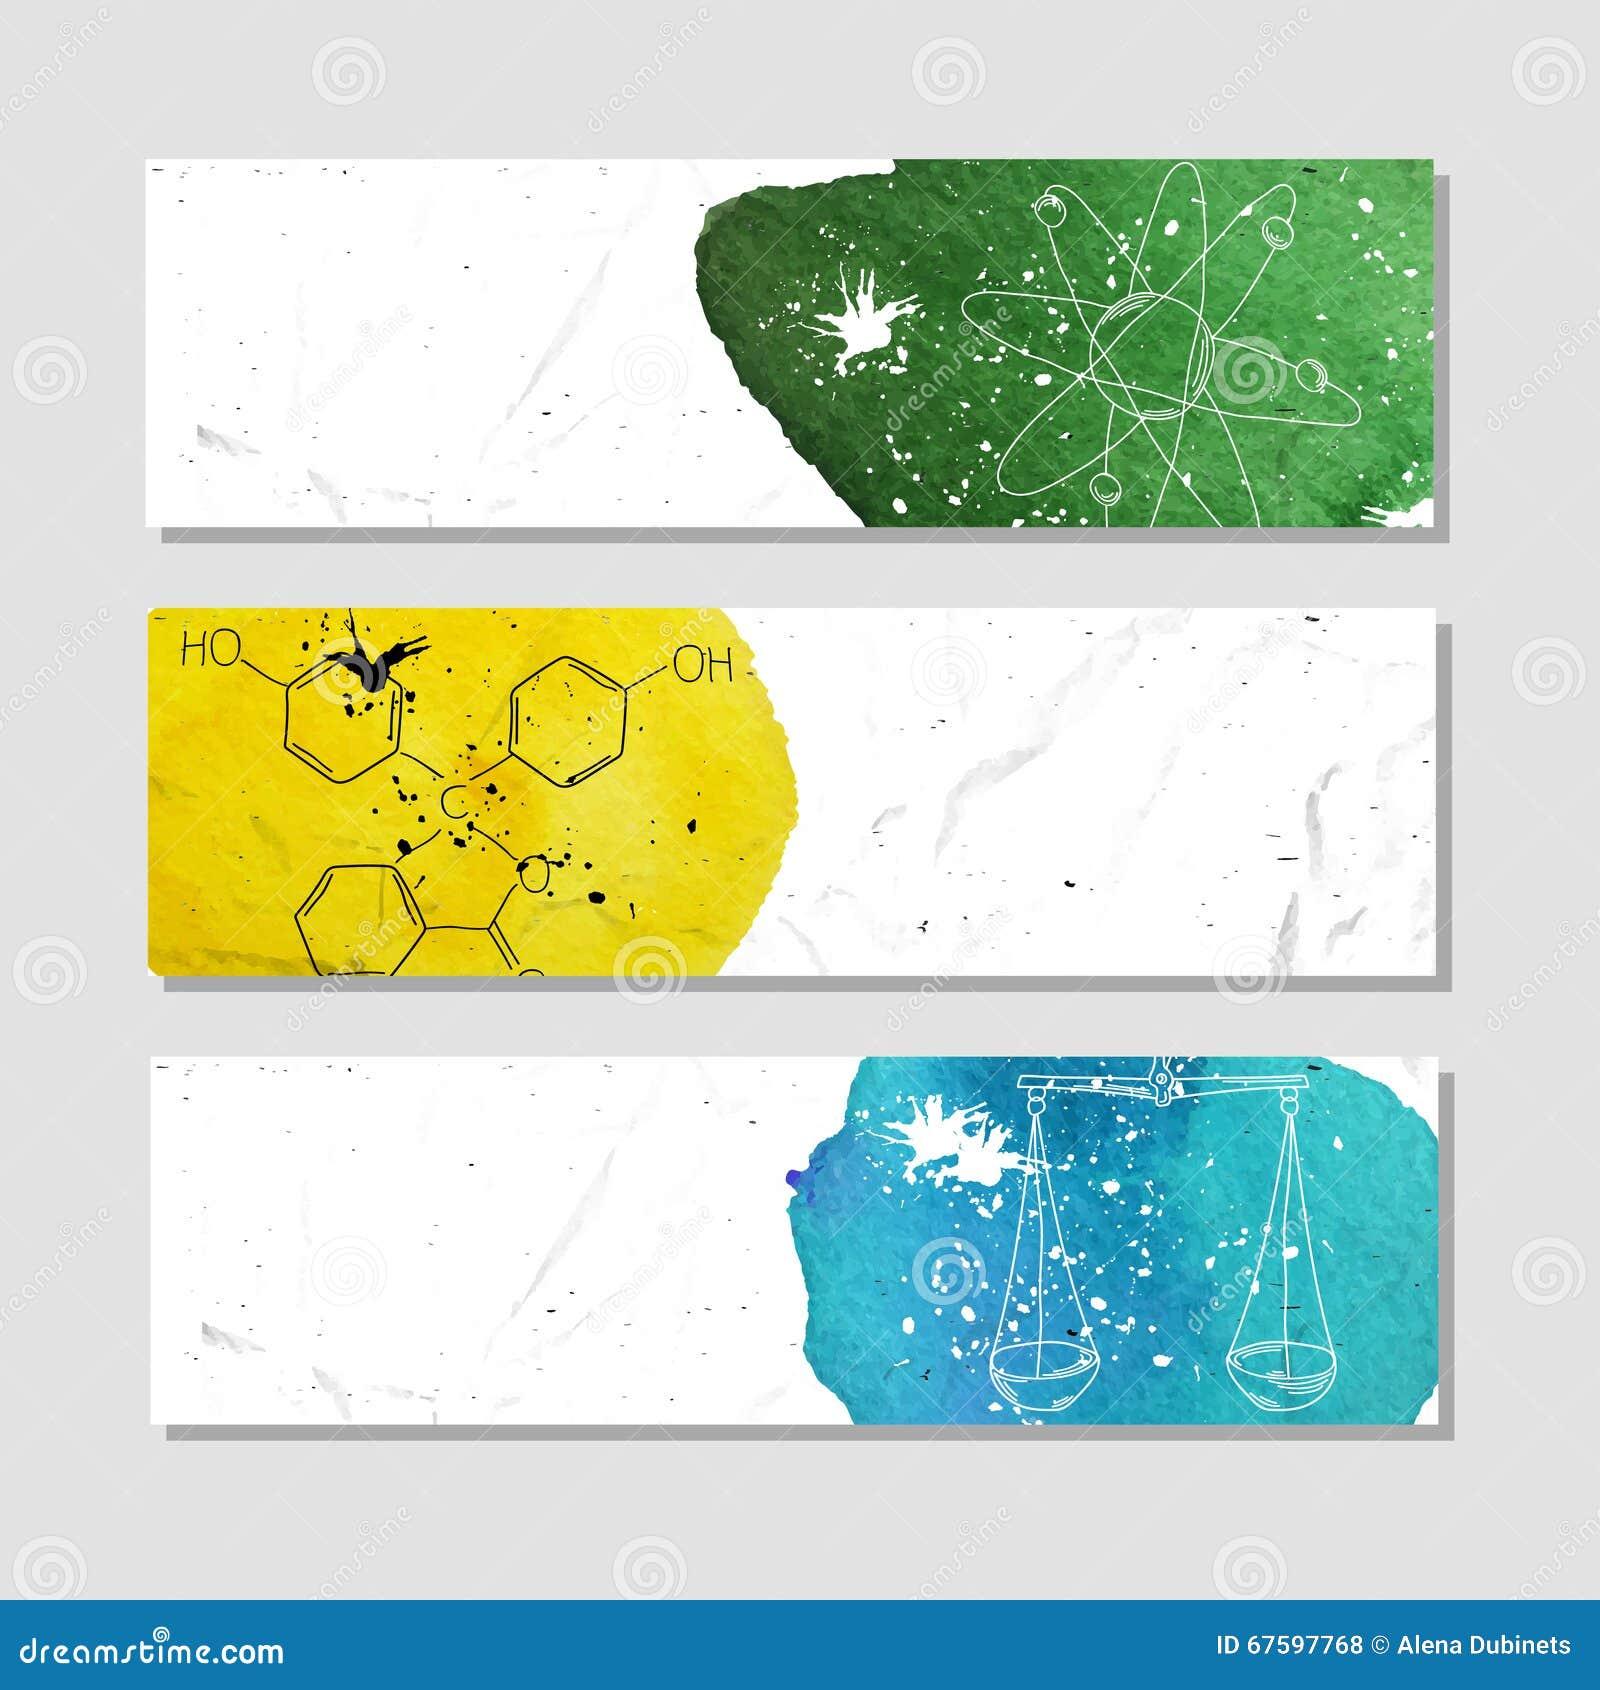 Isolado anunciar a bandeira no estilo de papel com aquarela colorida mancha Os atributos de experiências científicas na química